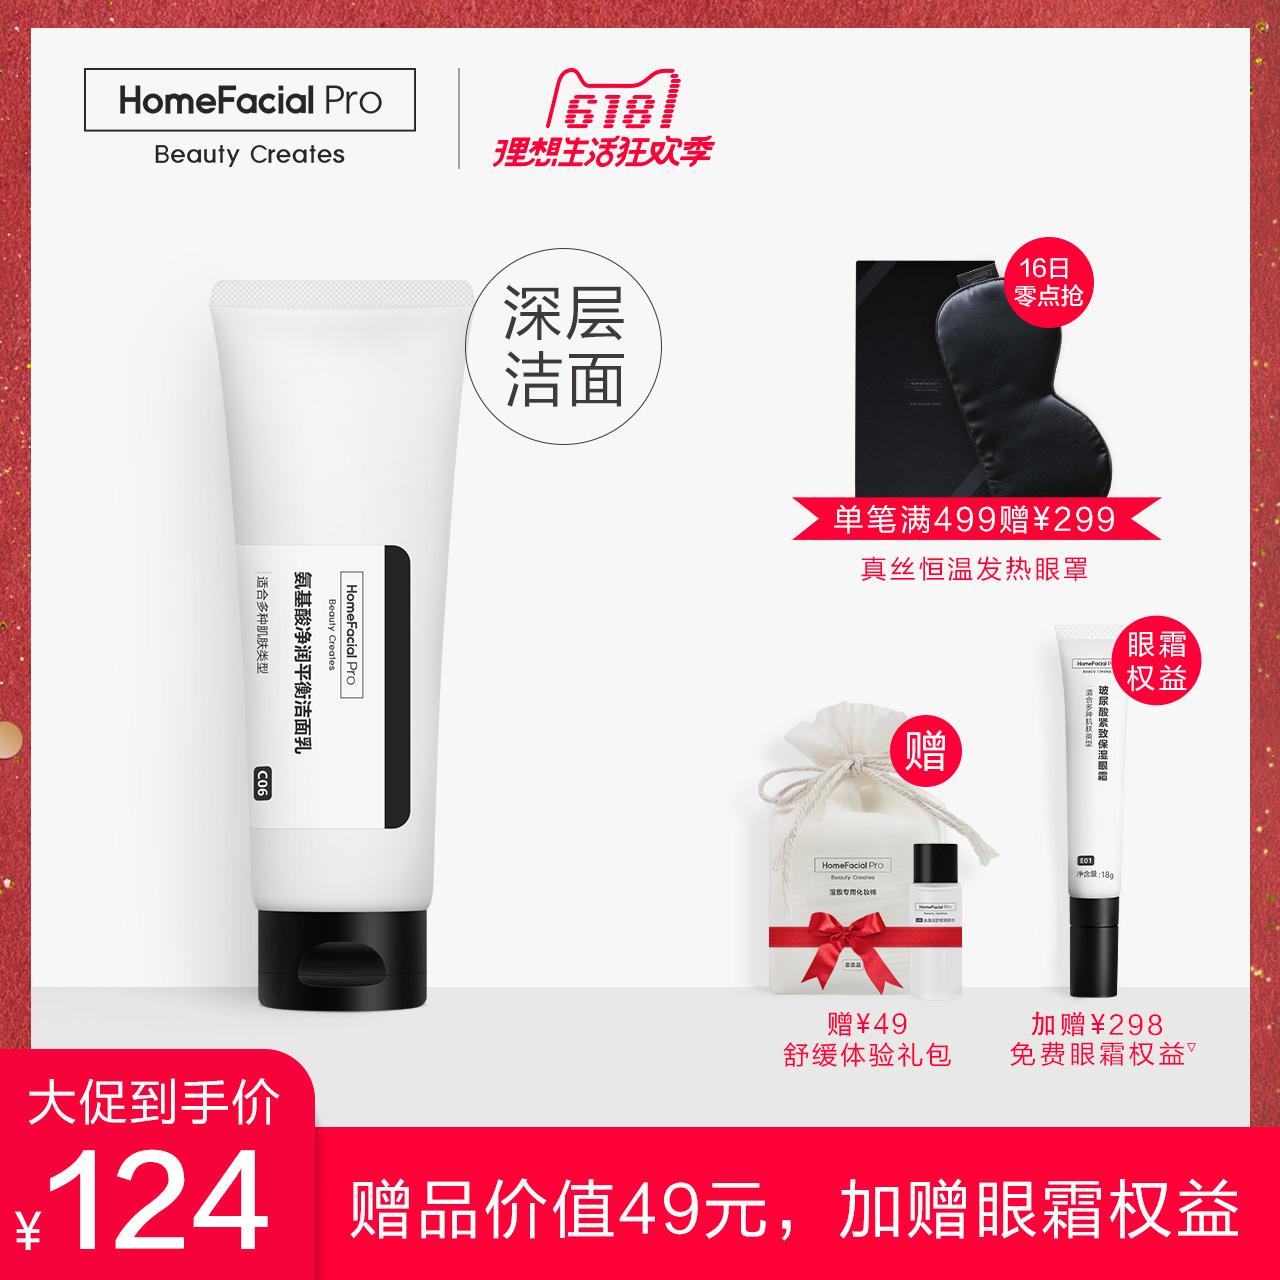 HomeFacial 氨基酸净润平衡洁面乳,好不好,求分析